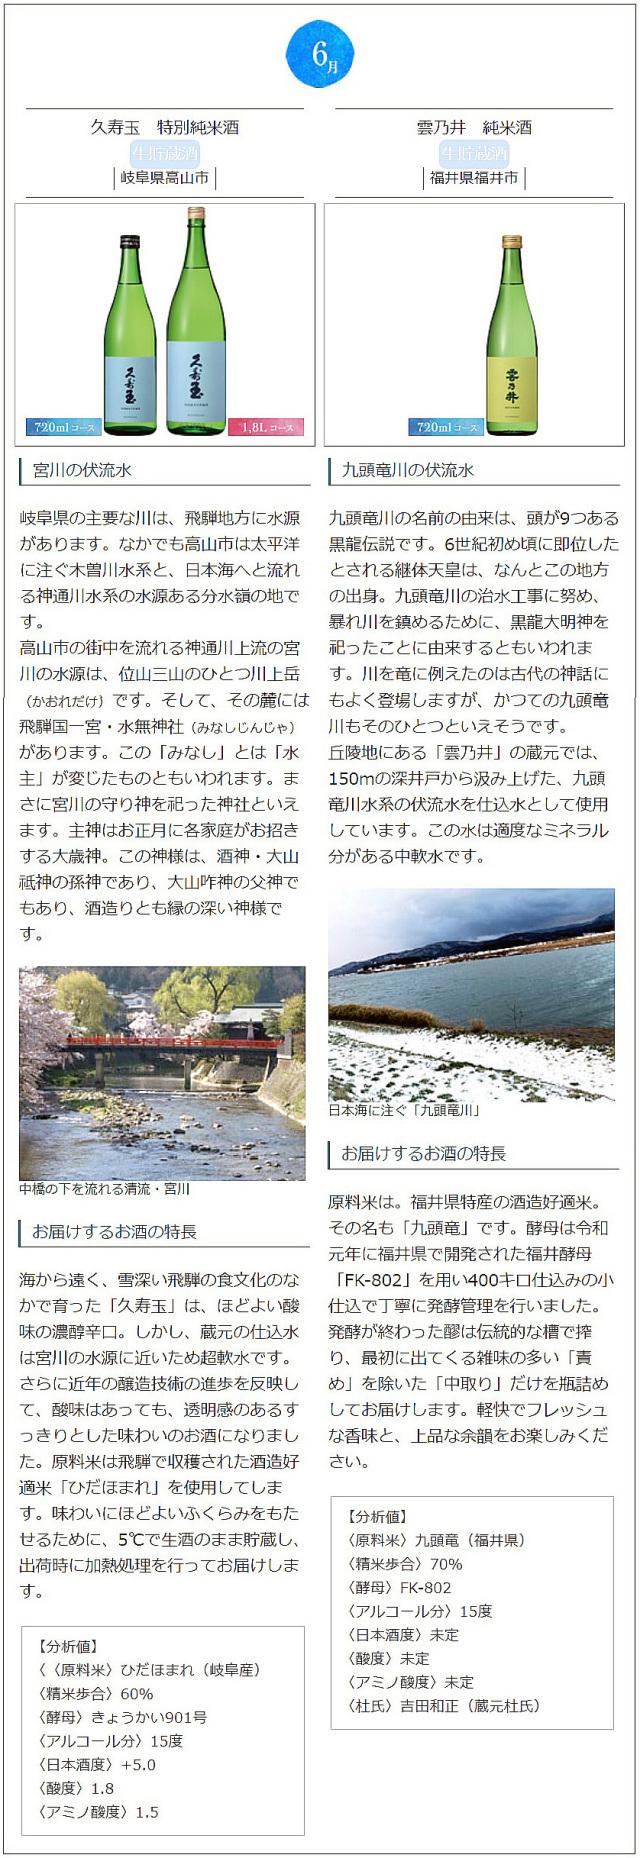 日本名門酒会頒布会2021年夏6月